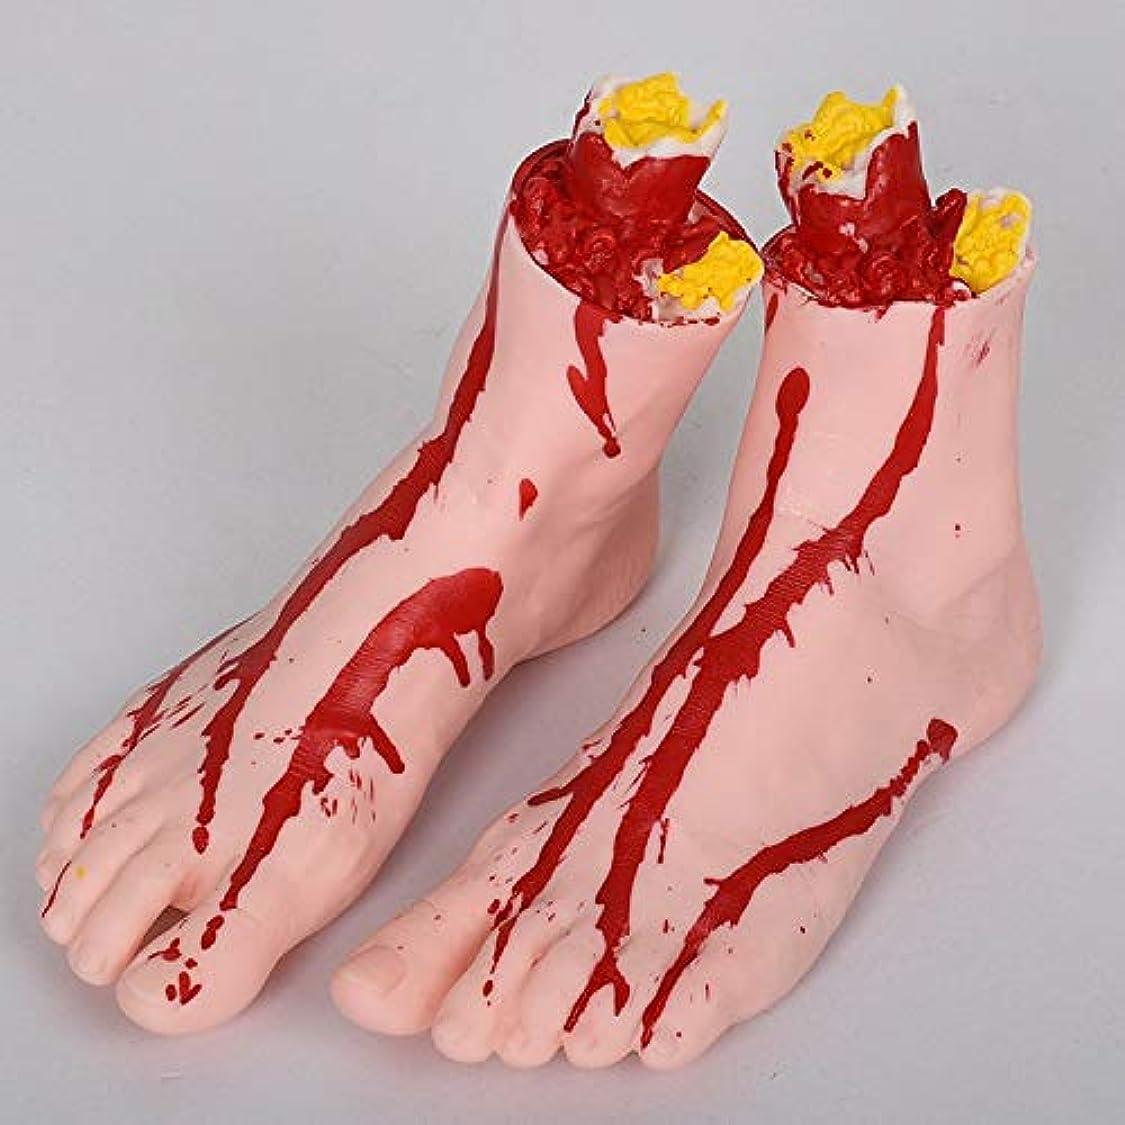 イブニング鈍いルーチンETRRUU HOME ハロウィーンの小道具お化け屋敷バー装飾全体のおもちゃのパロディーホラーシミュレーション義足壊れた手壊れた足 (Size : D)